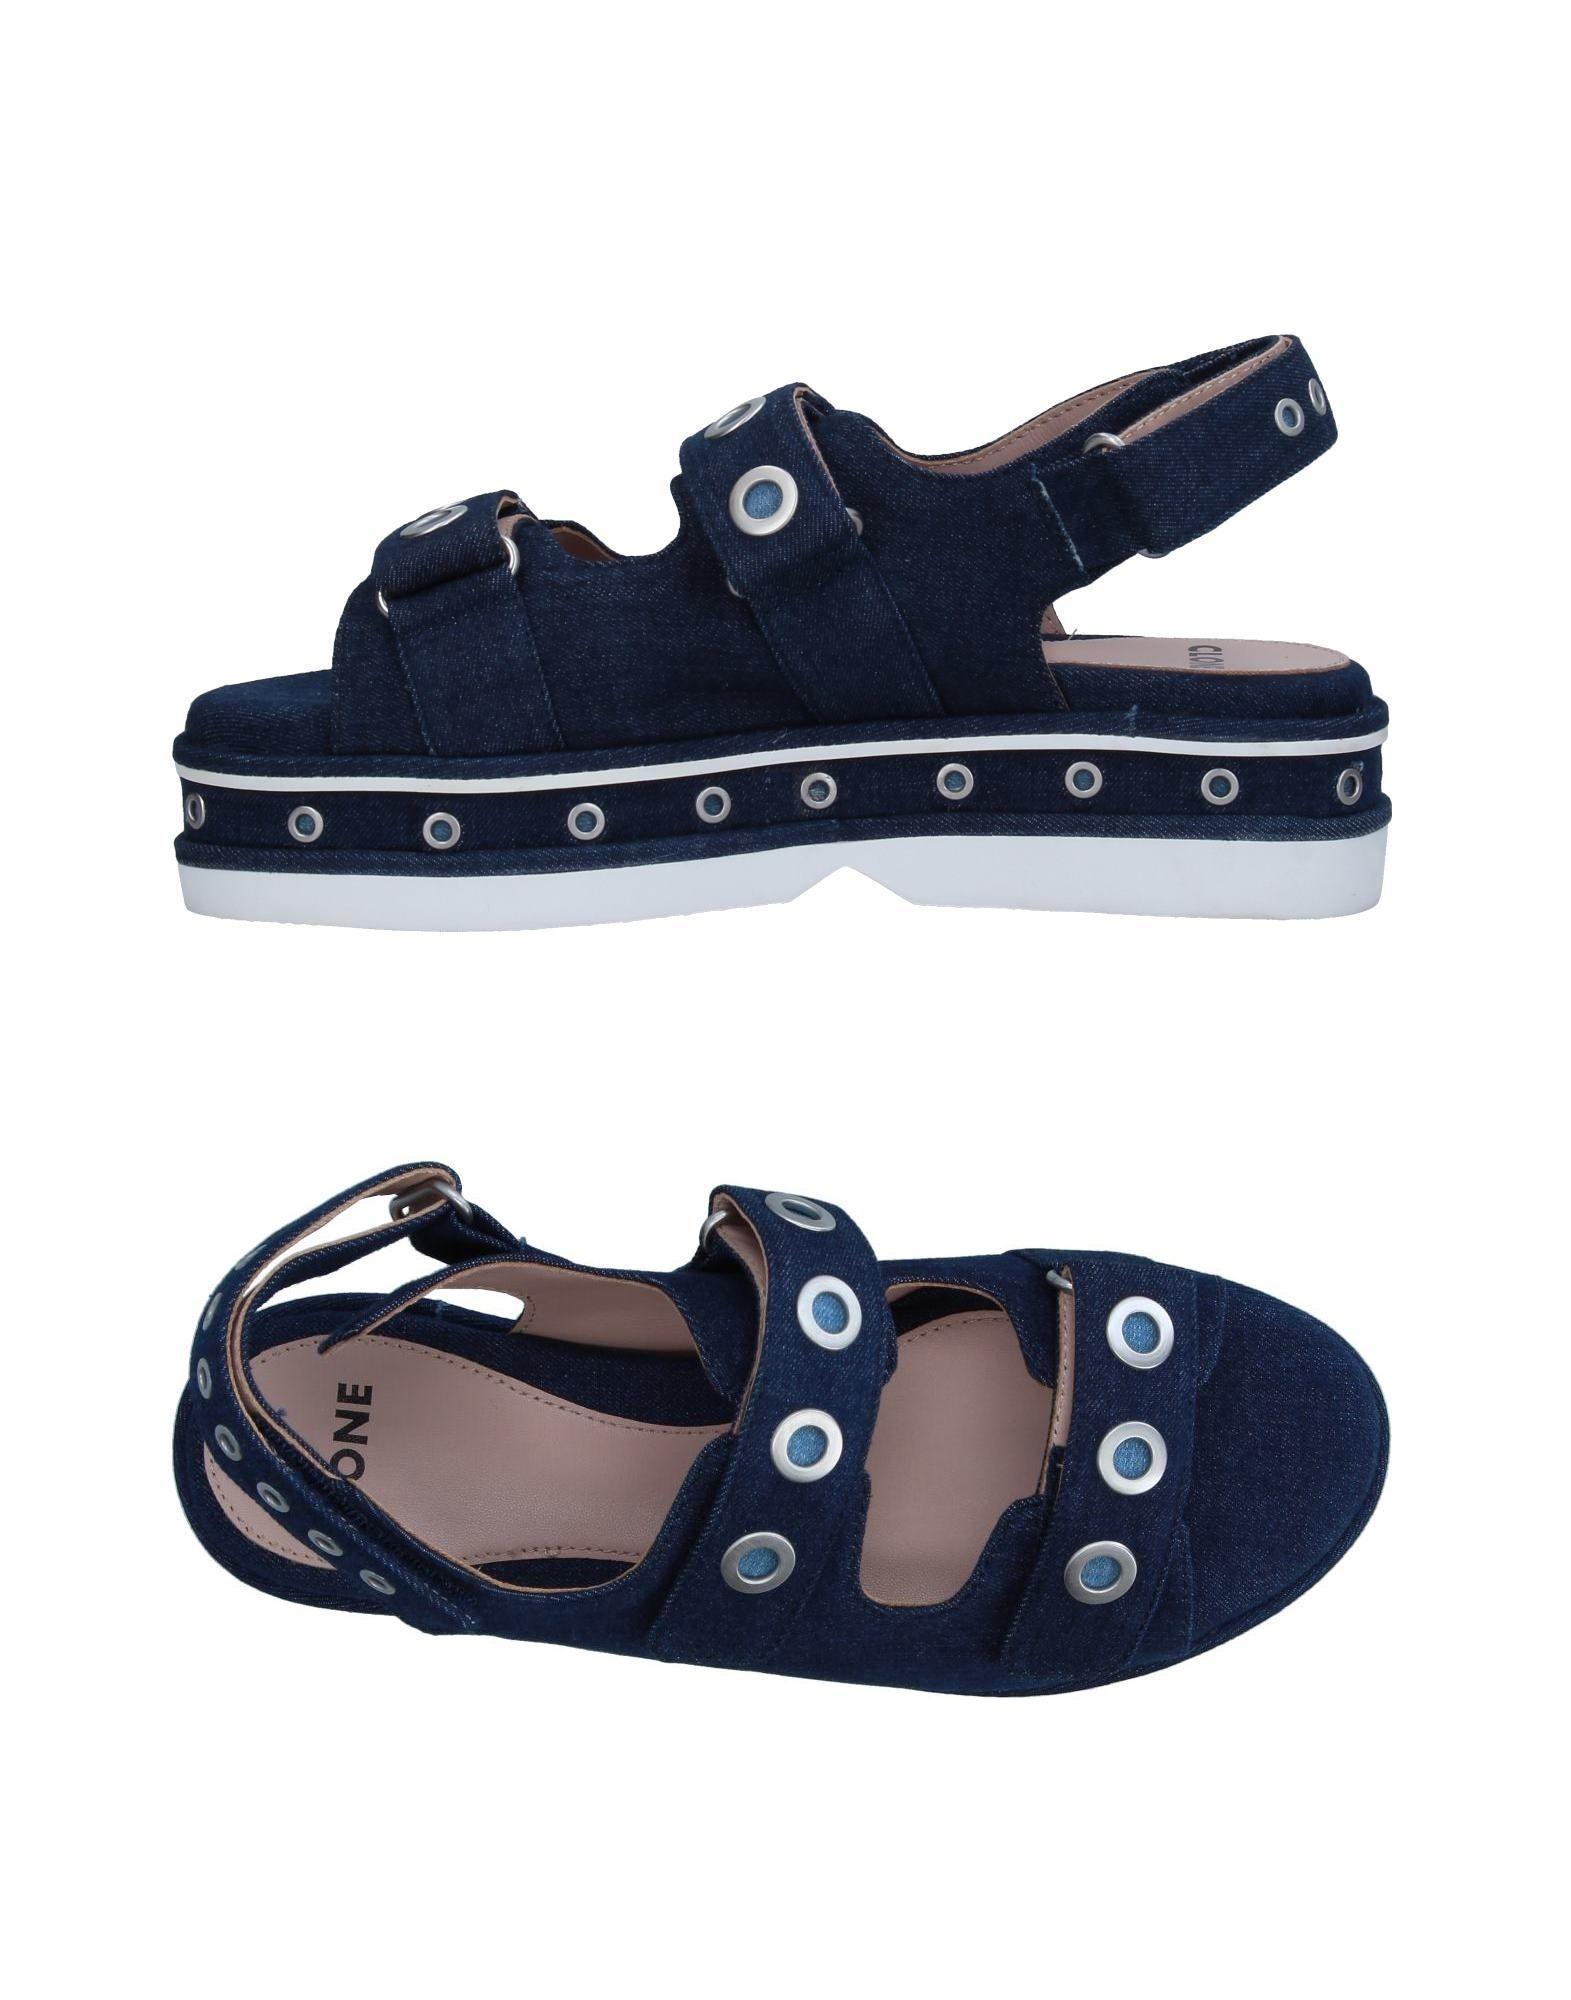 Clone Sandalen Damen  11348365JO Gute Qualität beliebte Schuhe